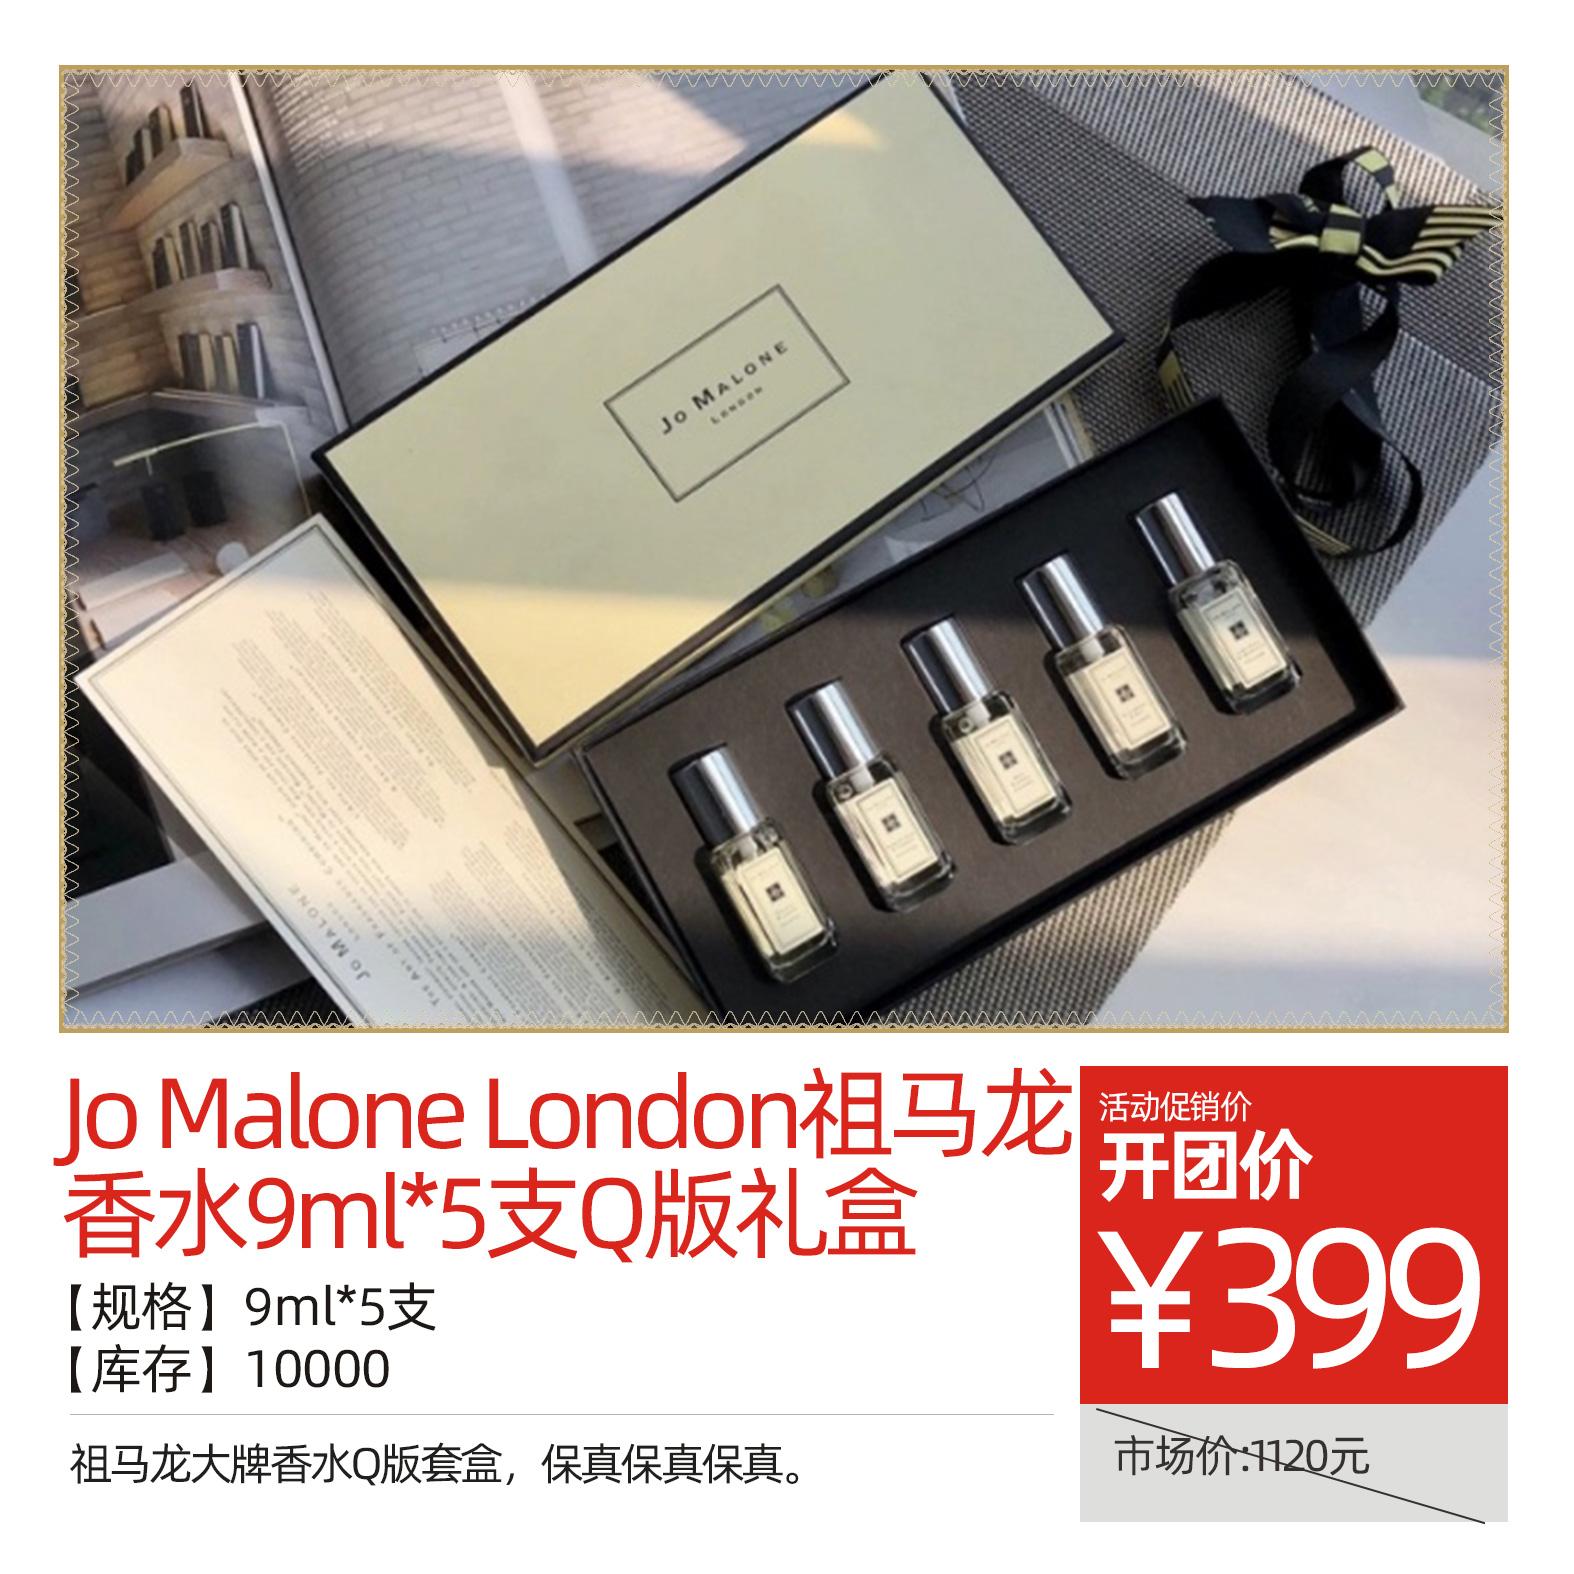 Jo Malone London祖马龙香水9ml*5支Q版礼盒